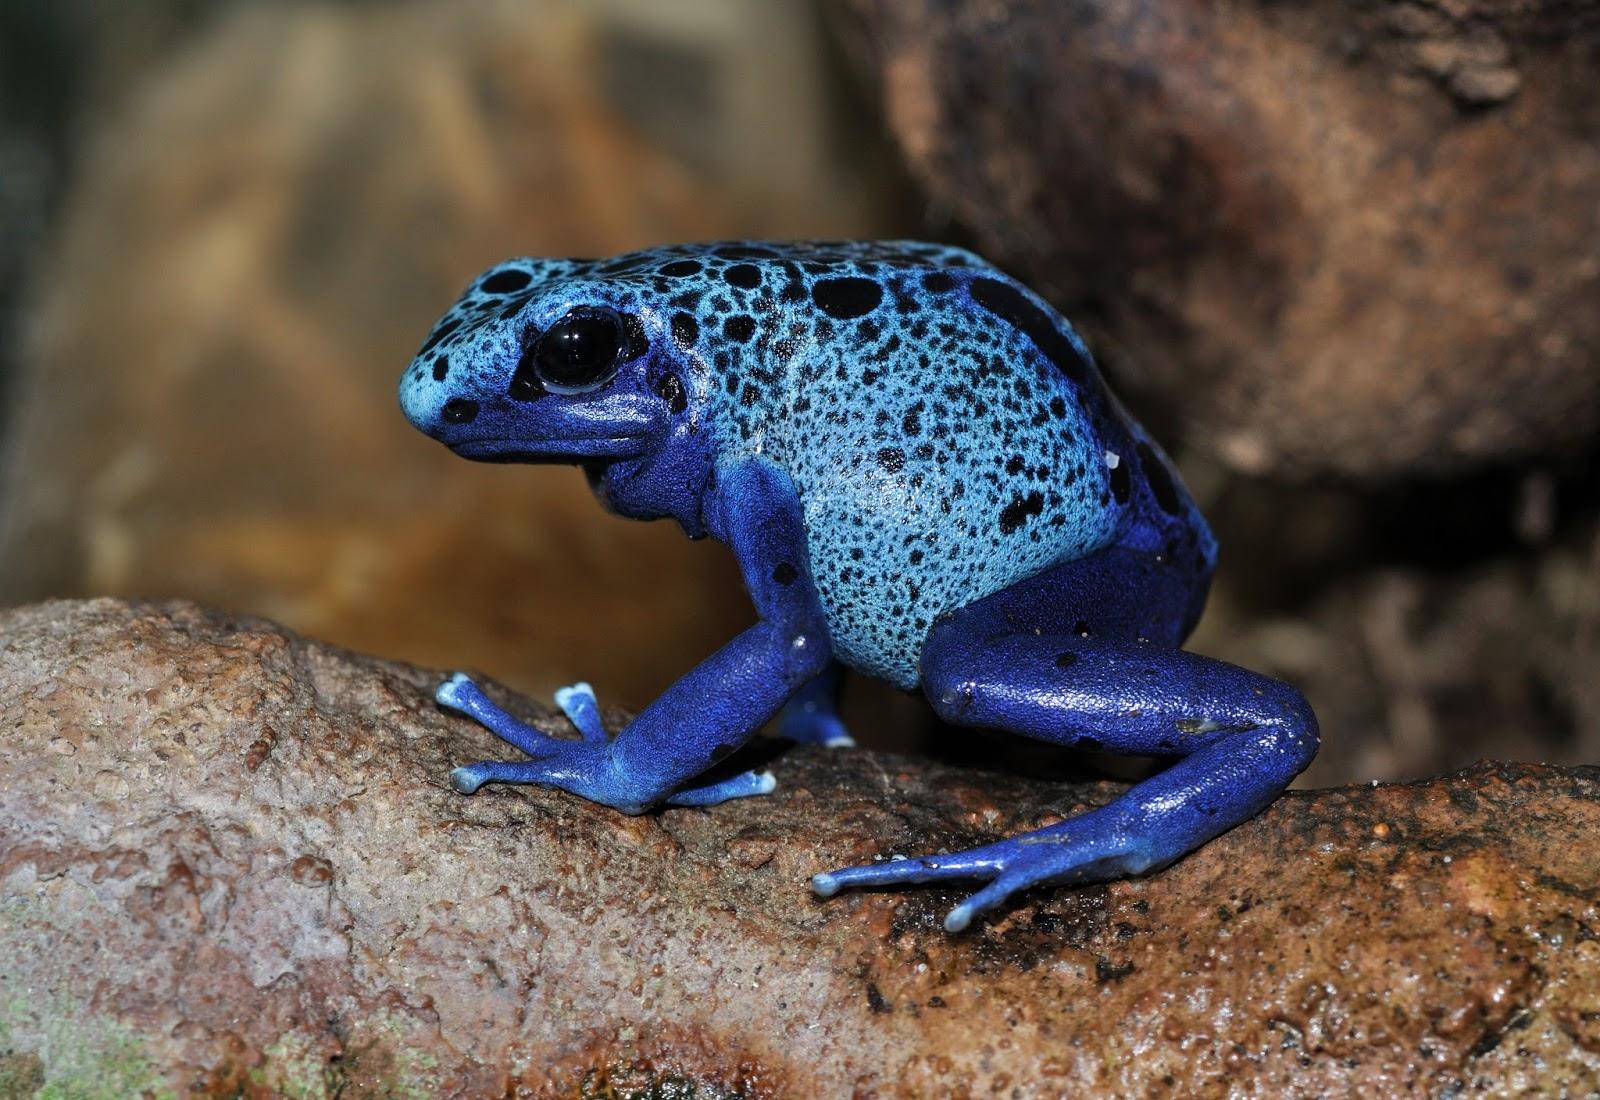 Amphibians: Dendrobates azureus qtl